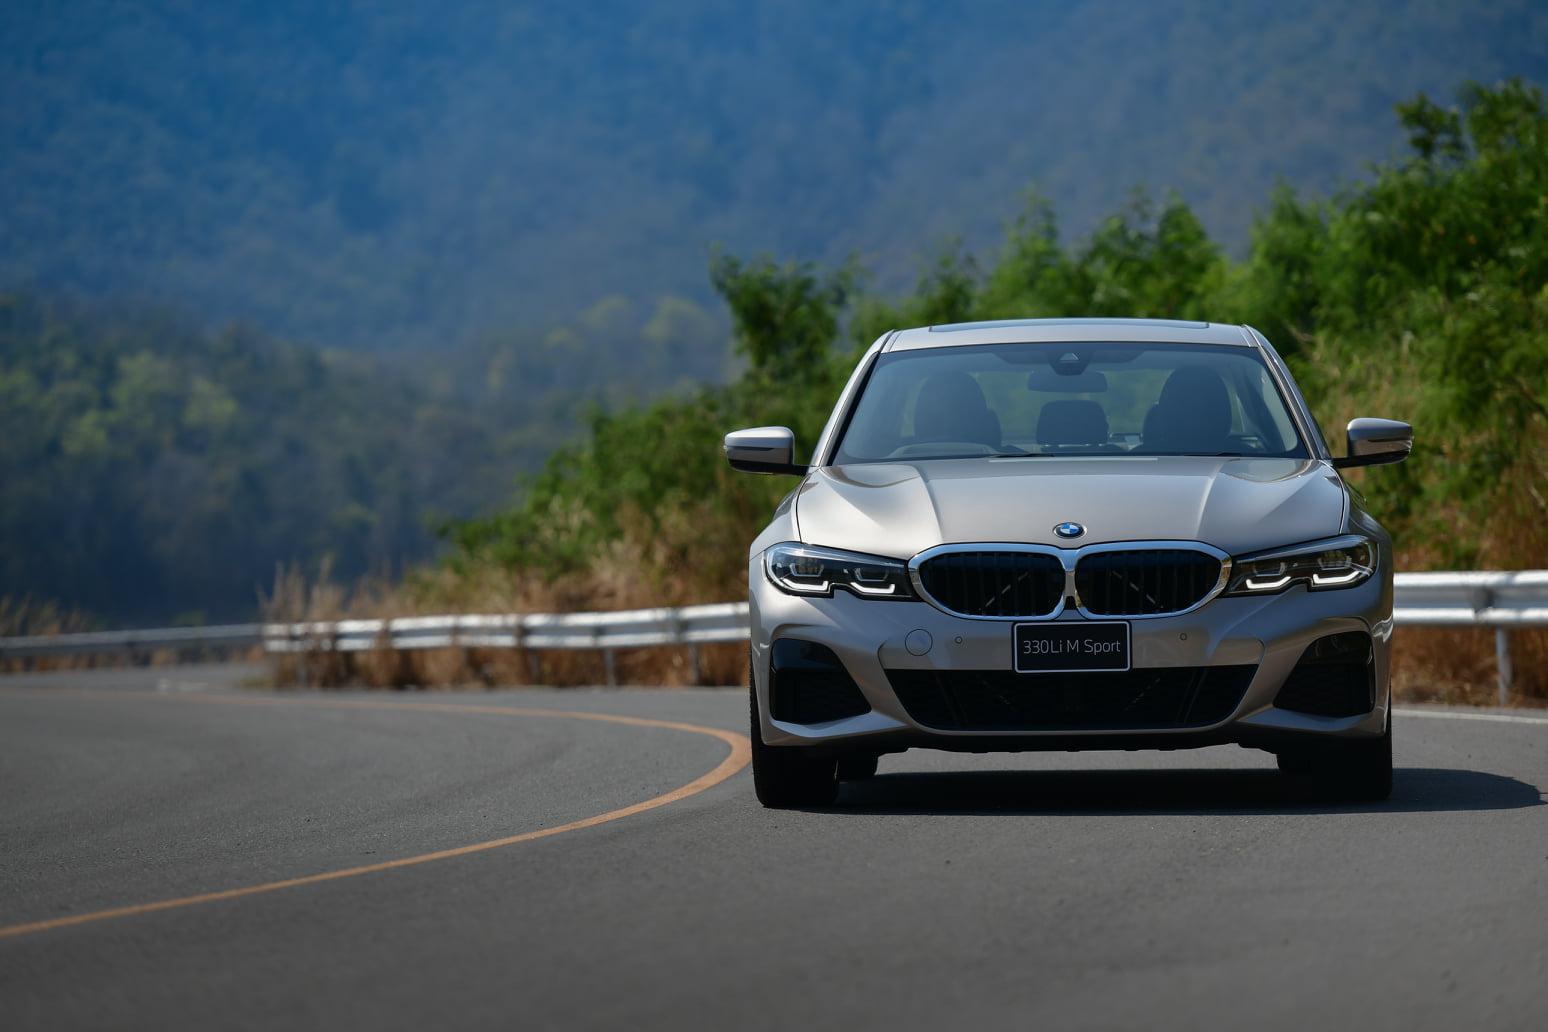 BMW 330Li M Sport 2021